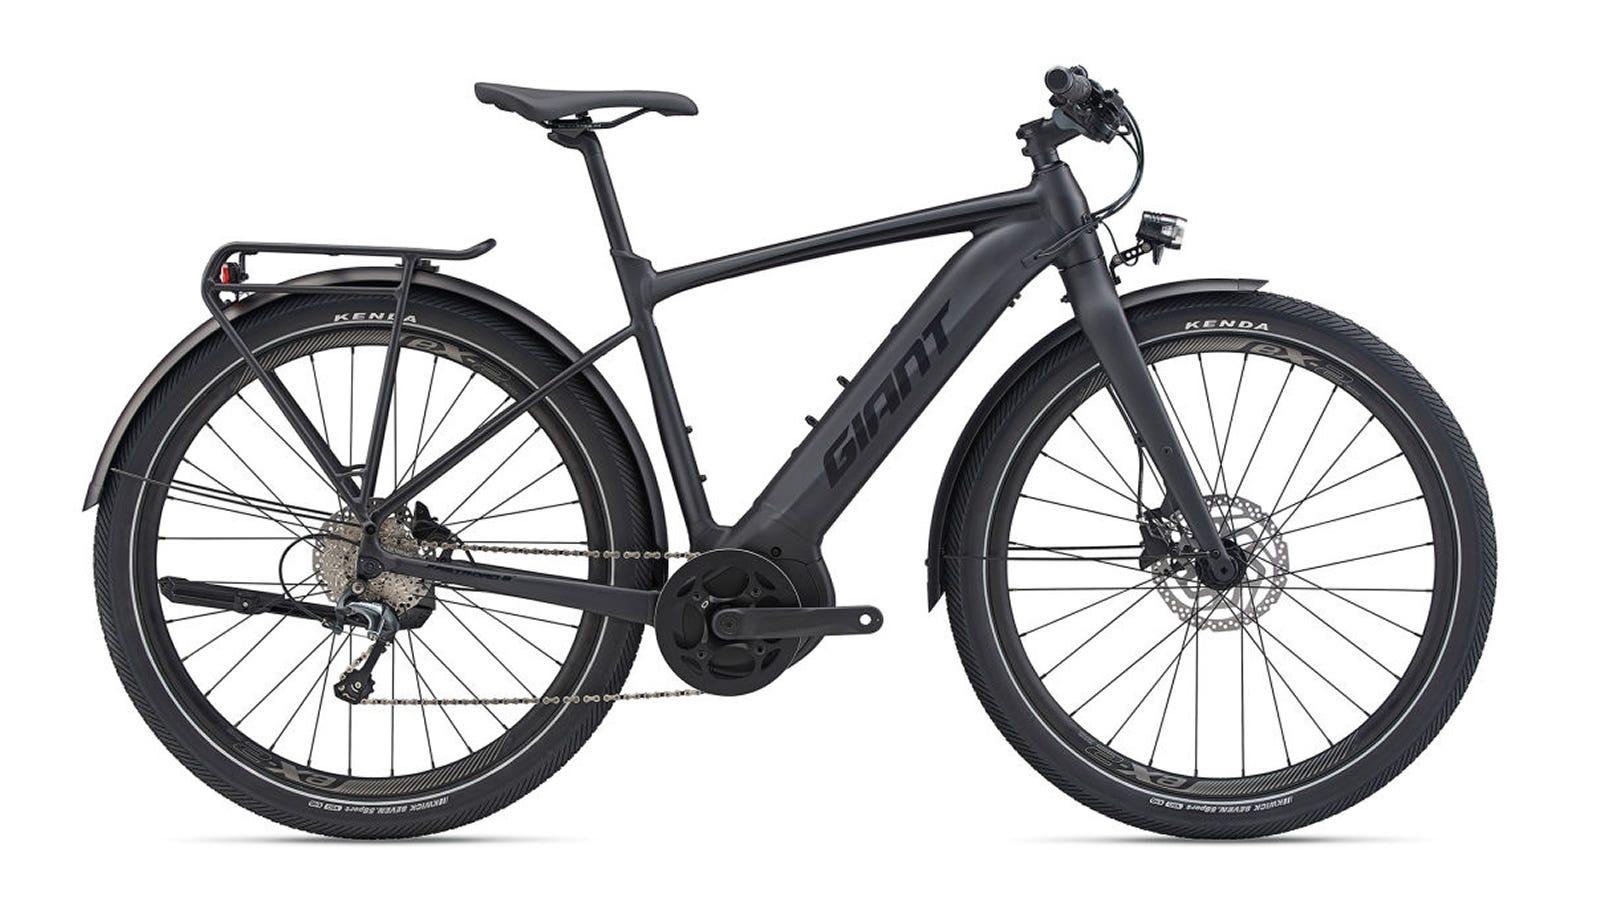 The Giant FASTROAD E+ EX PRO E-bike.